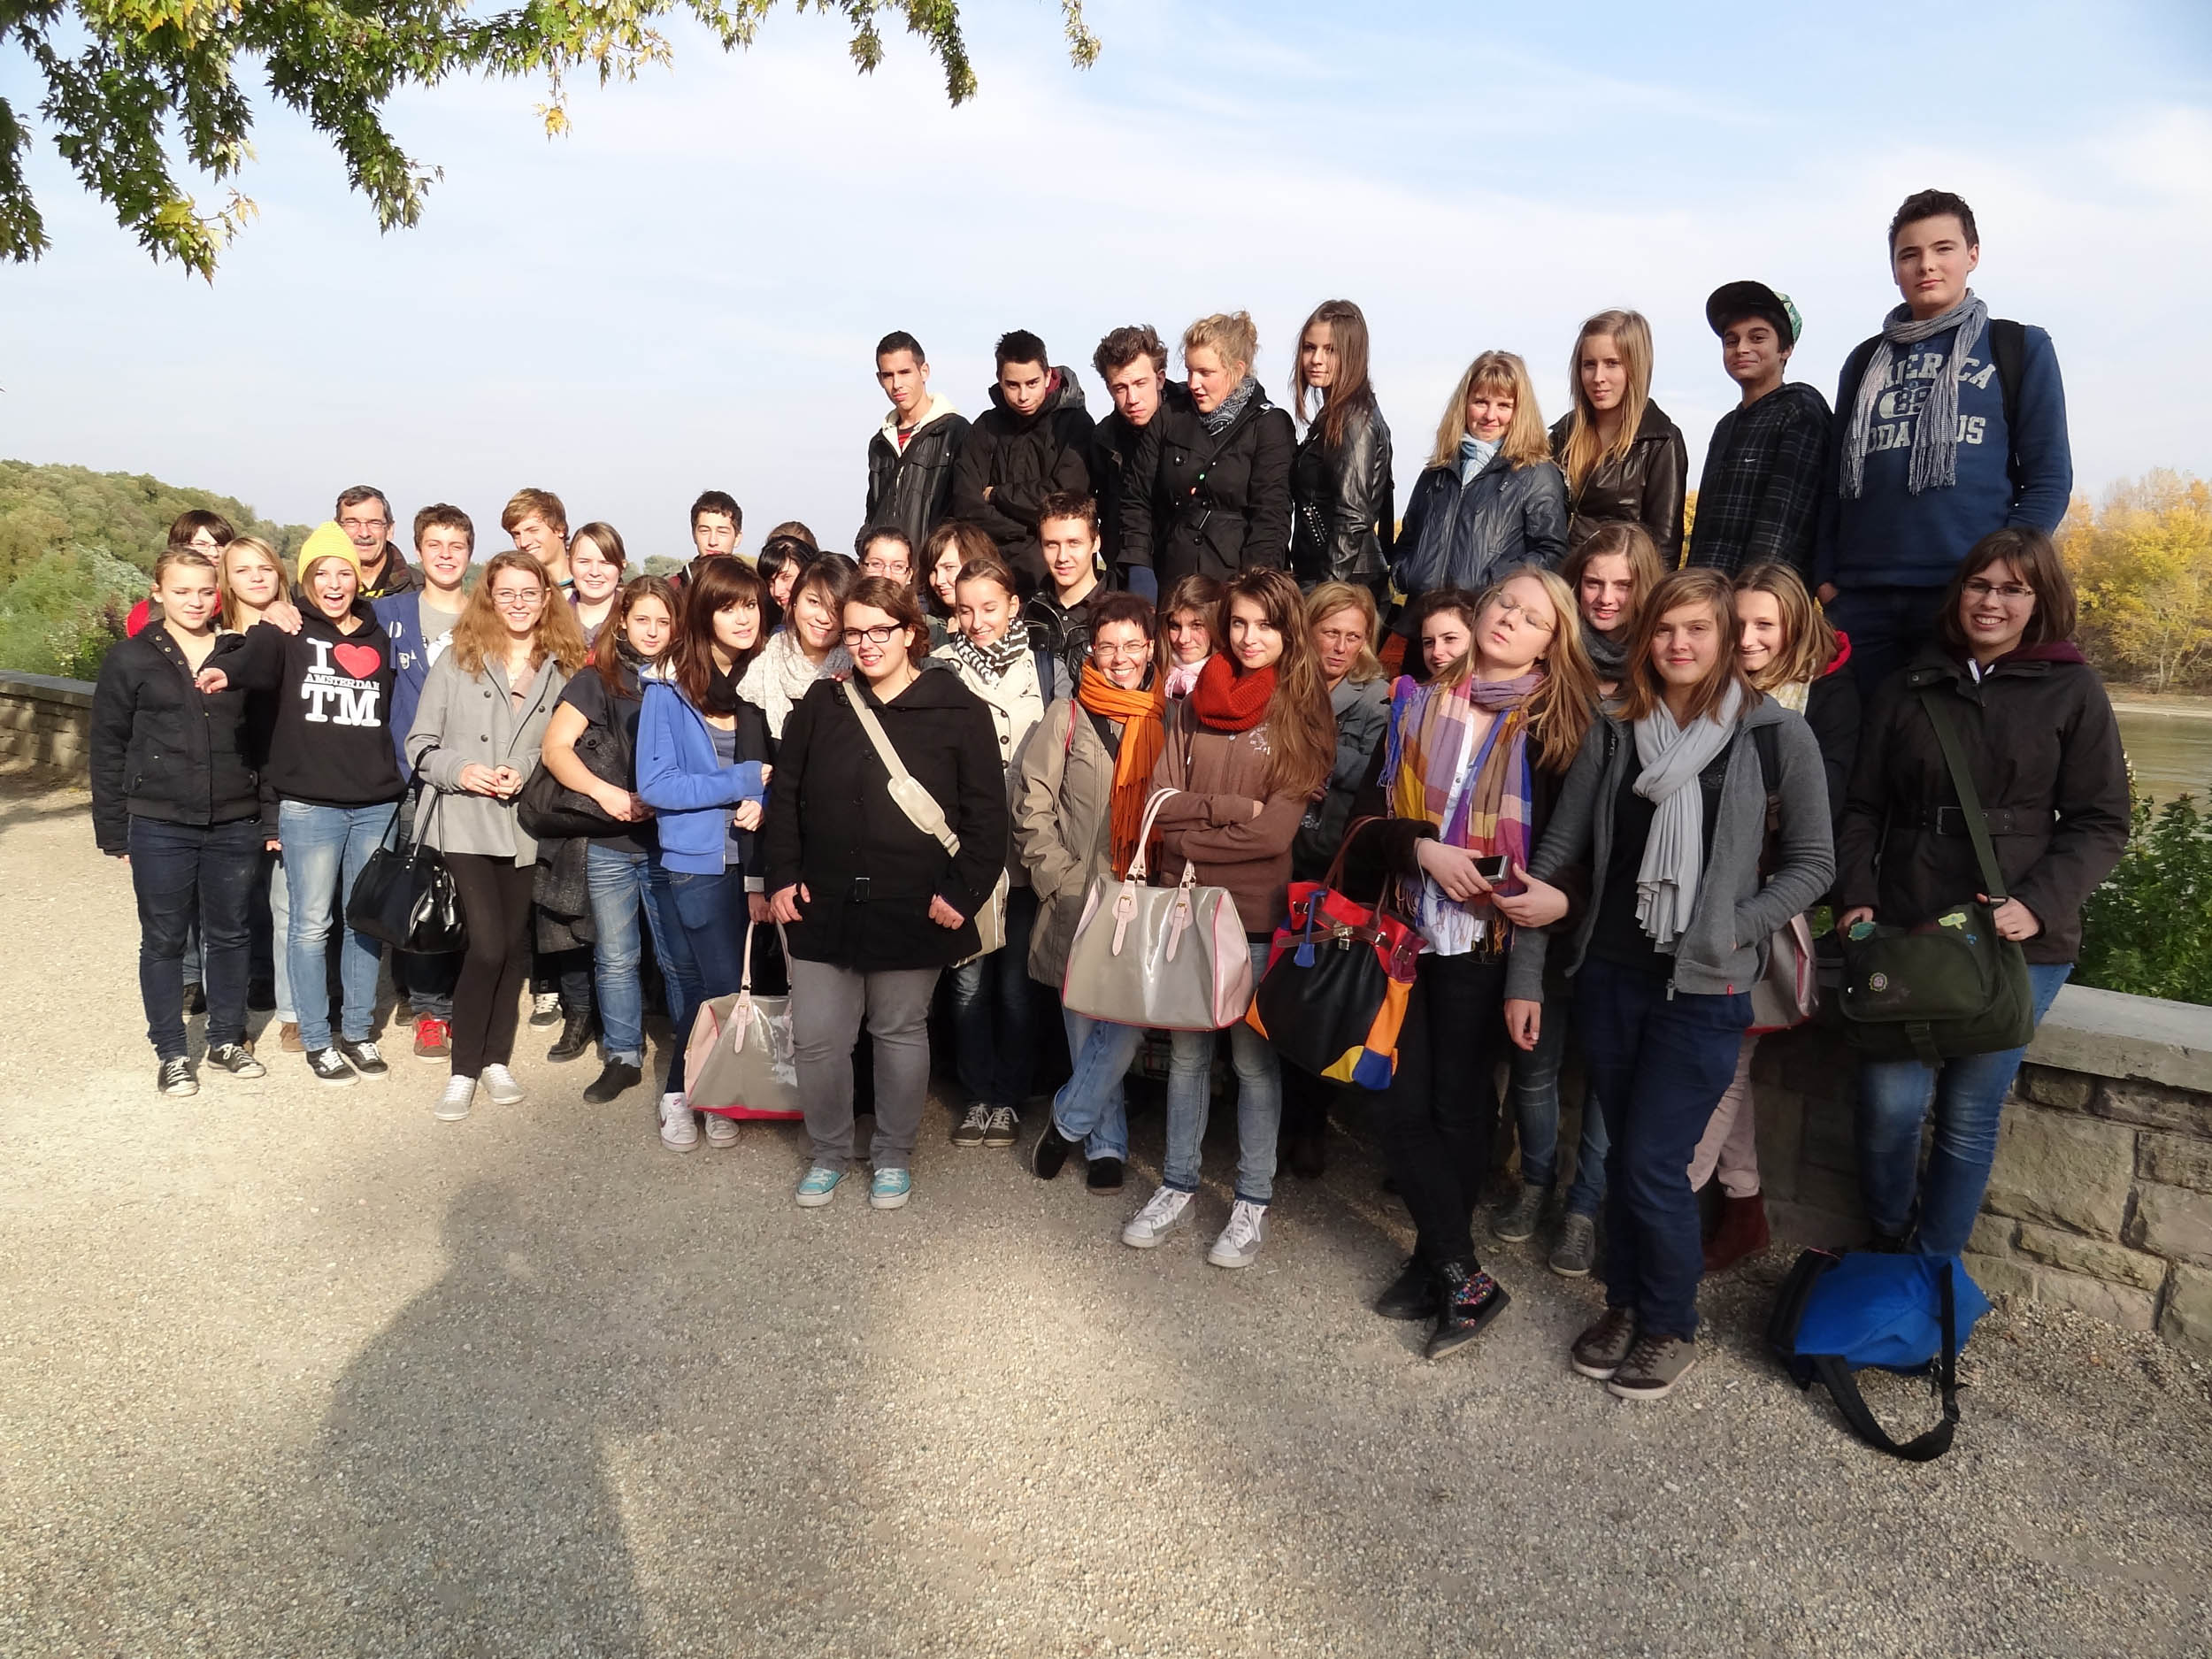 Ungarnaustausch 2011